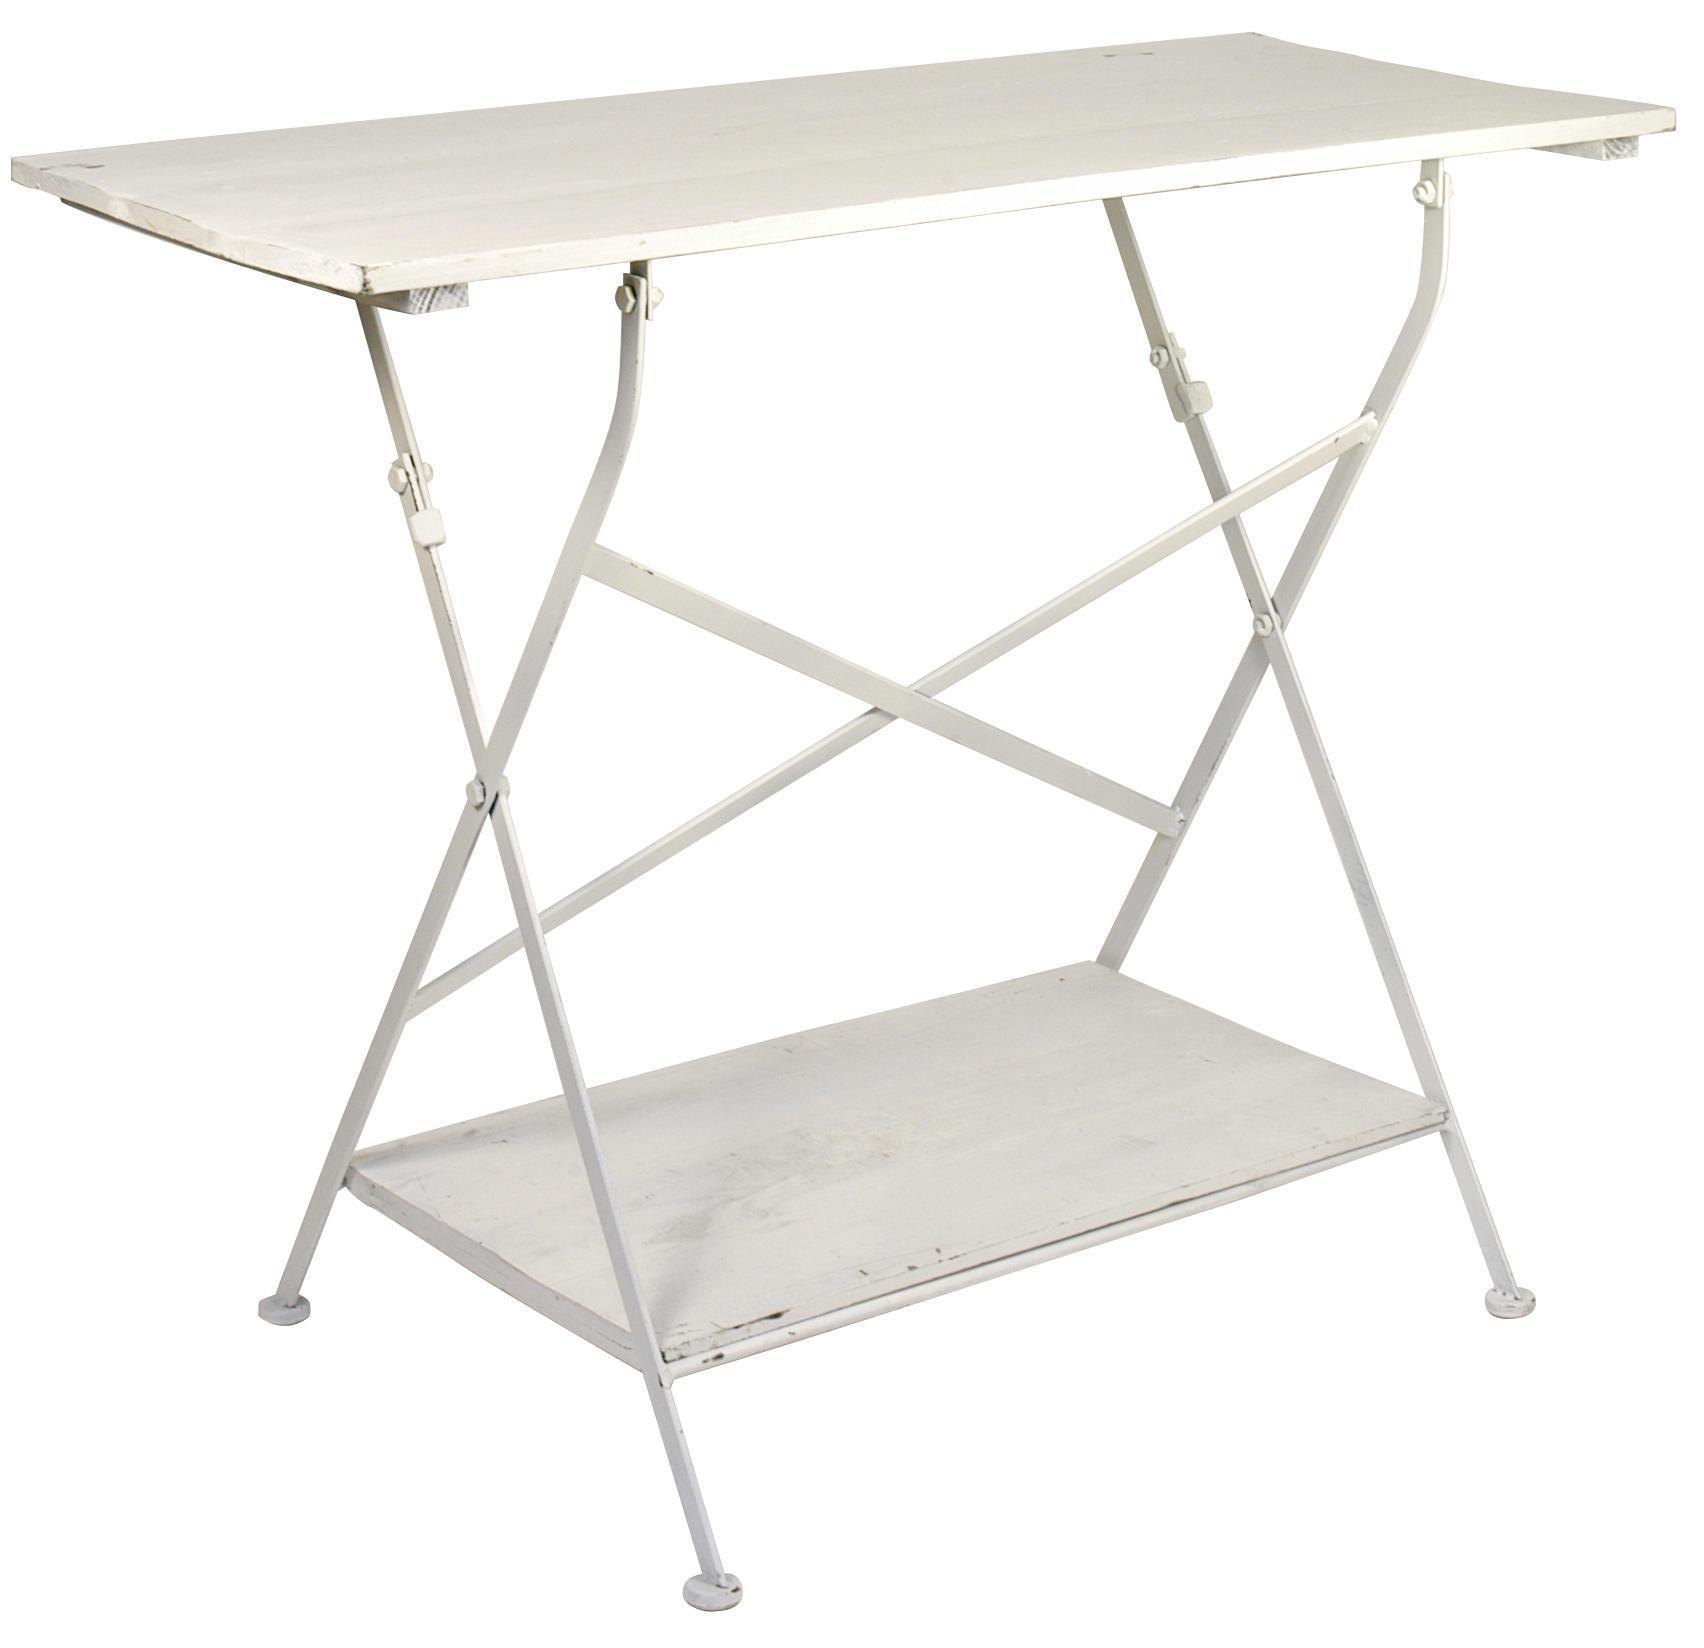 IB LAURSEN Dřevěný stolek s poličkou - bílý, bílá barva, dřevo